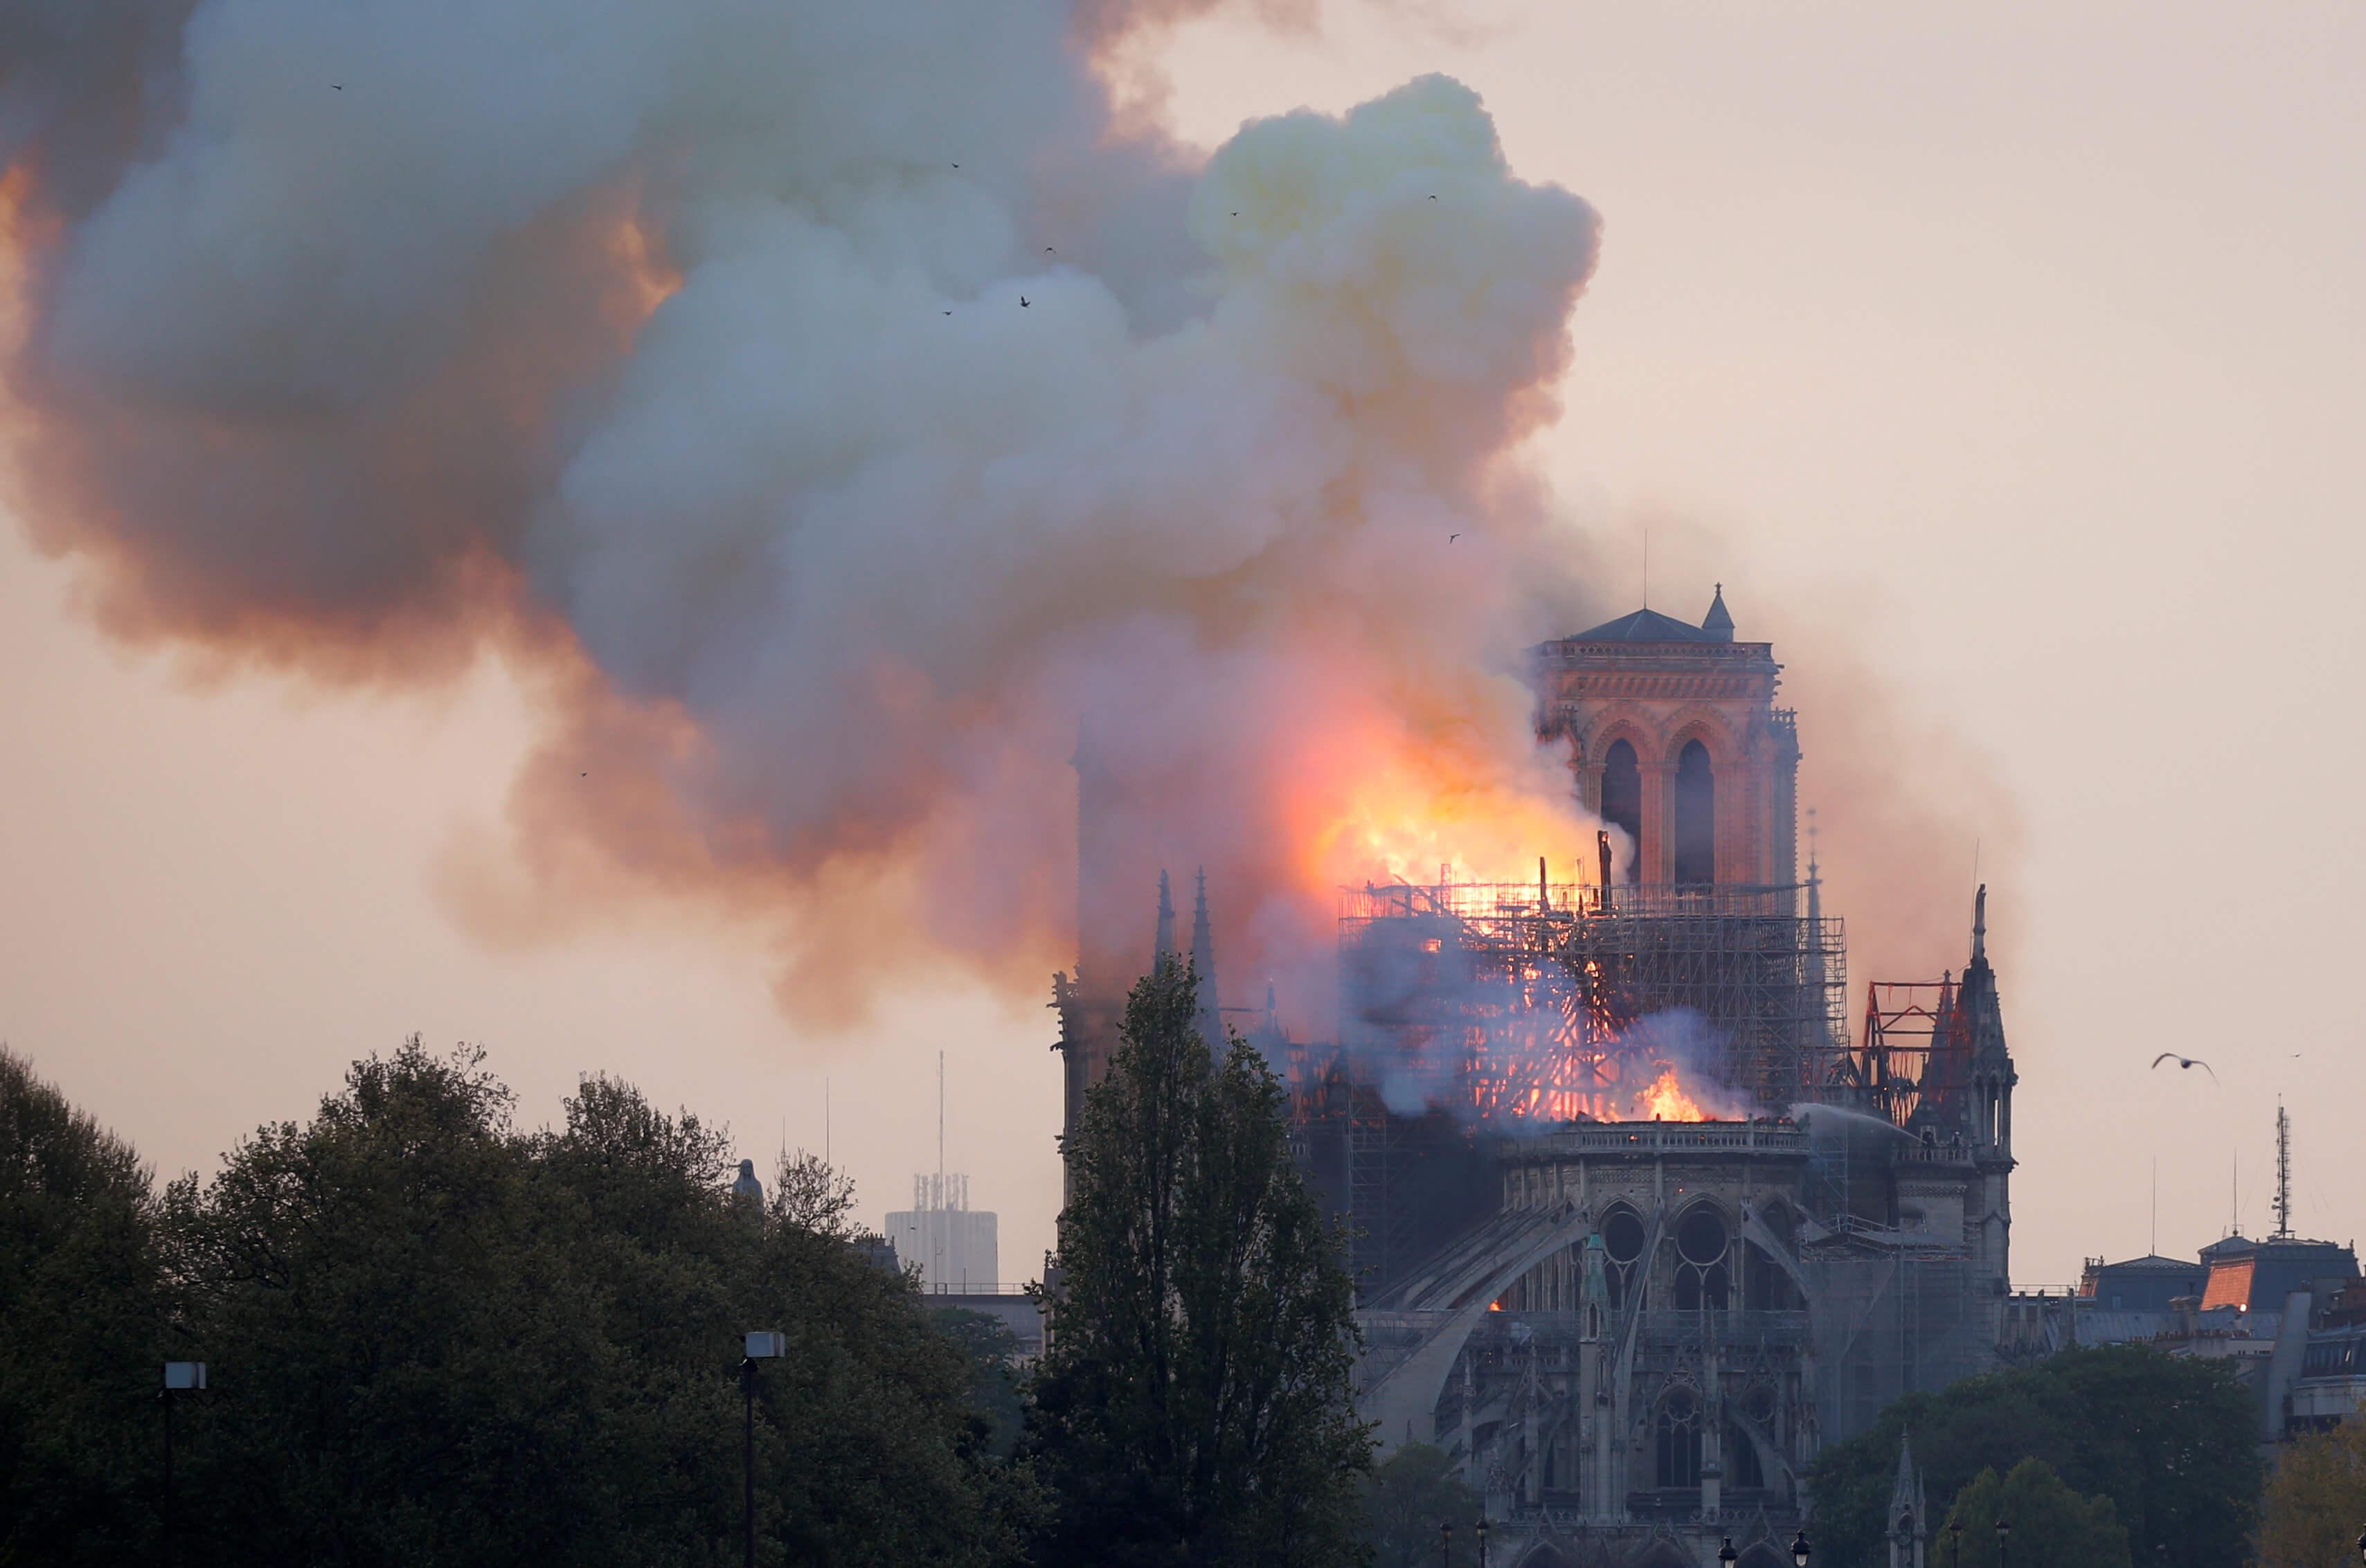 Παναγία των Παρισίων: Σοκαρισμένος ο ποδοσφαιριστής! Ήταν παρών στη φωτιά [pic]